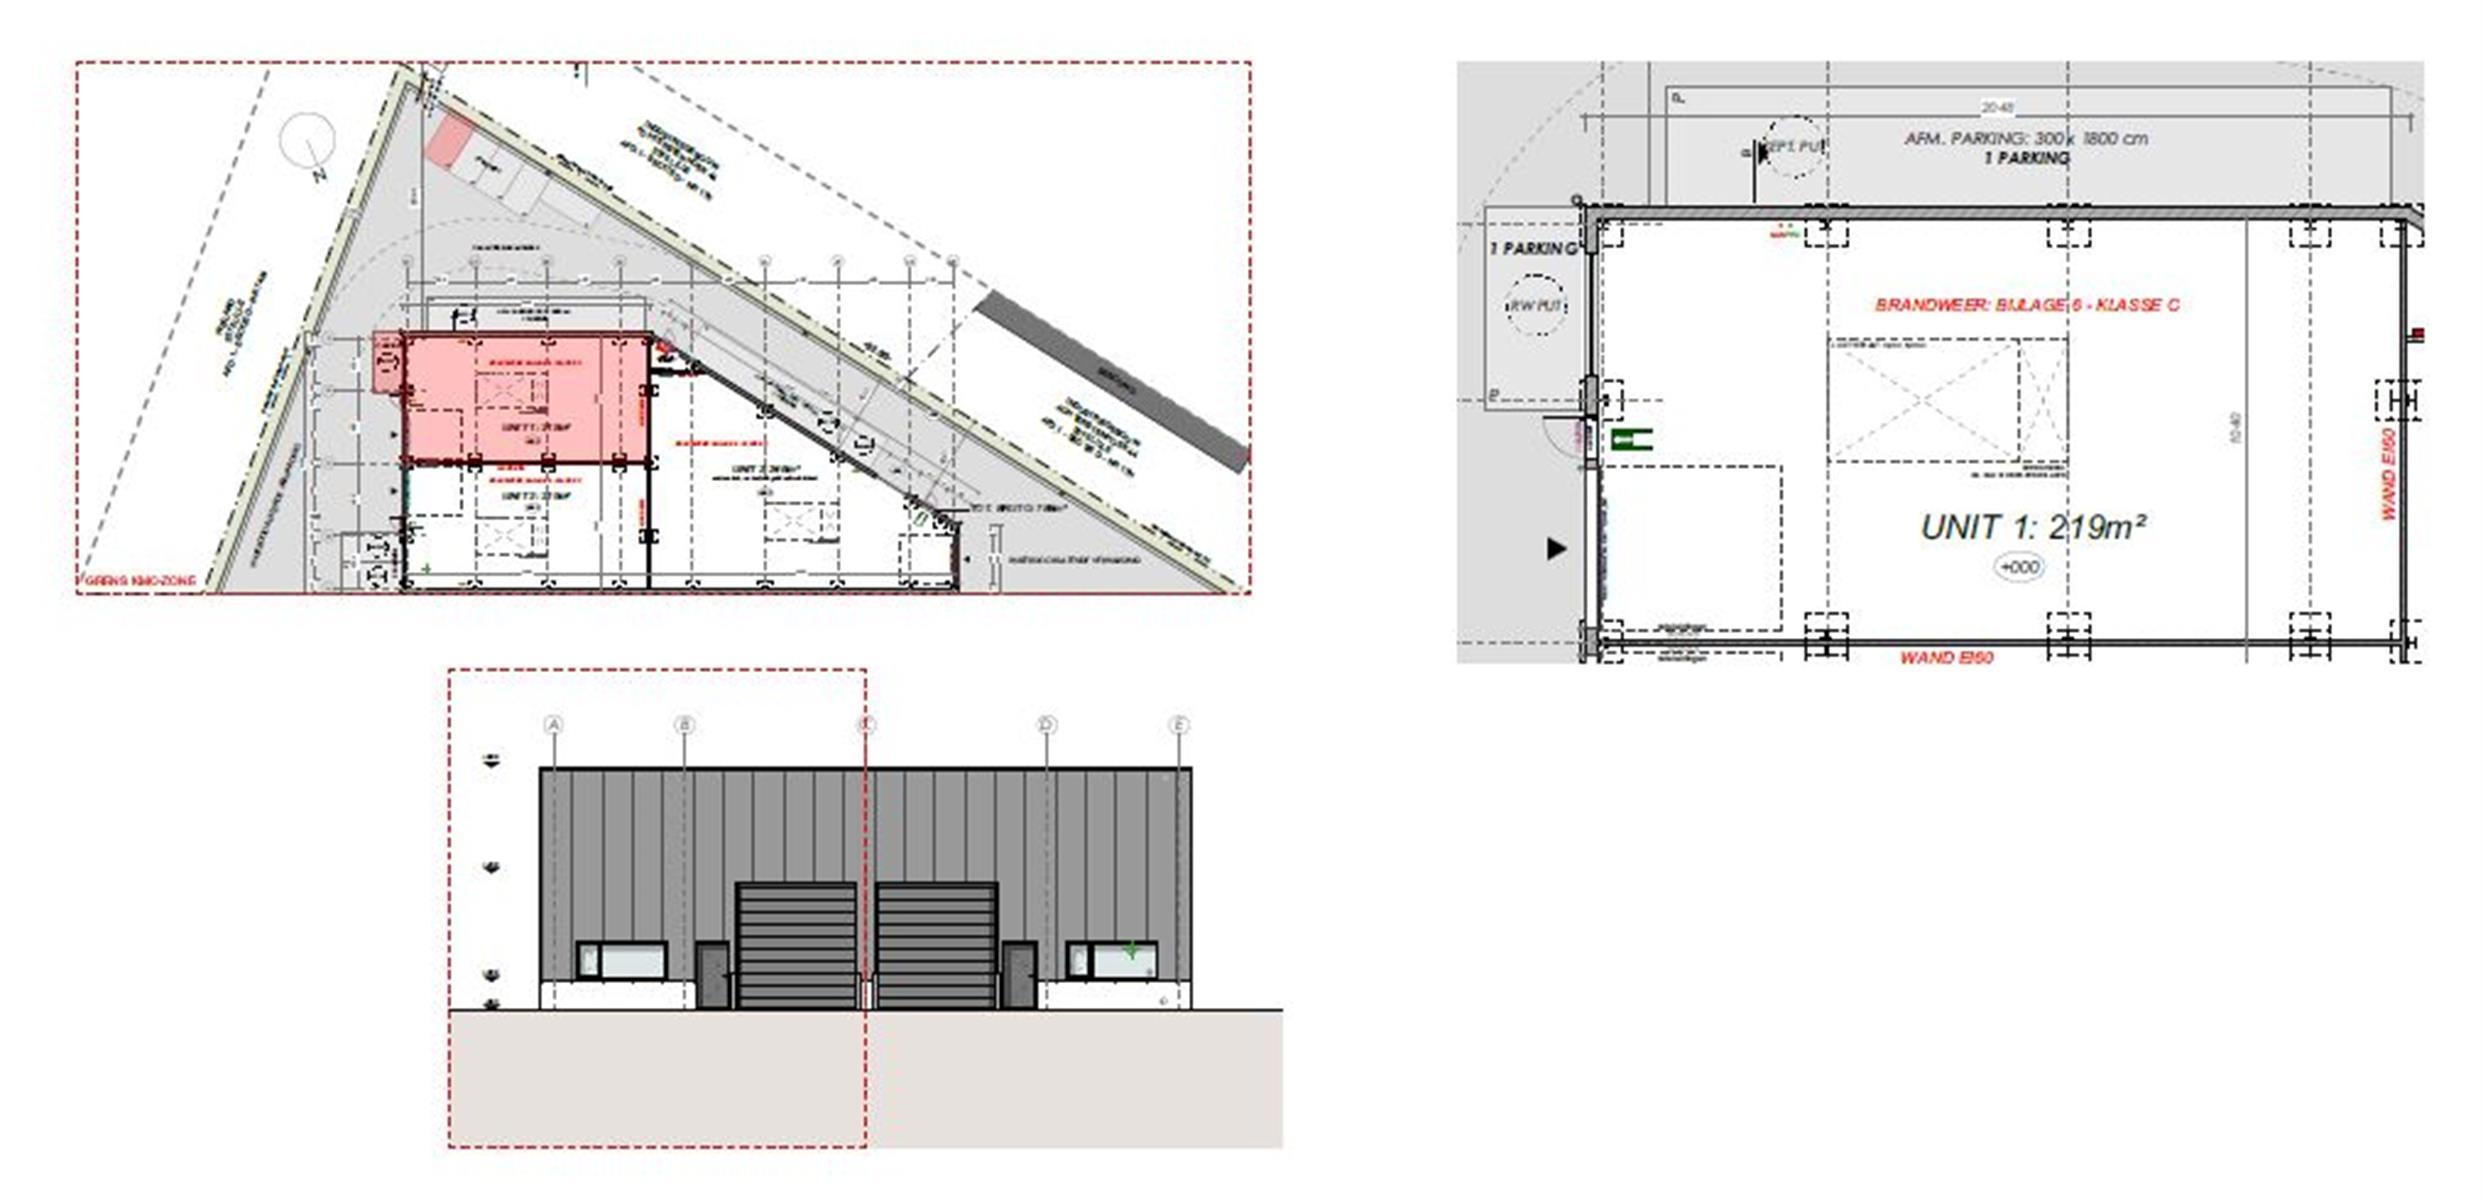 KMO-unit te koop 2 KMO  UNITS 219m² MET INGEBOUWD KANTOOR VAN 24m² Wechelsebaan 151-155